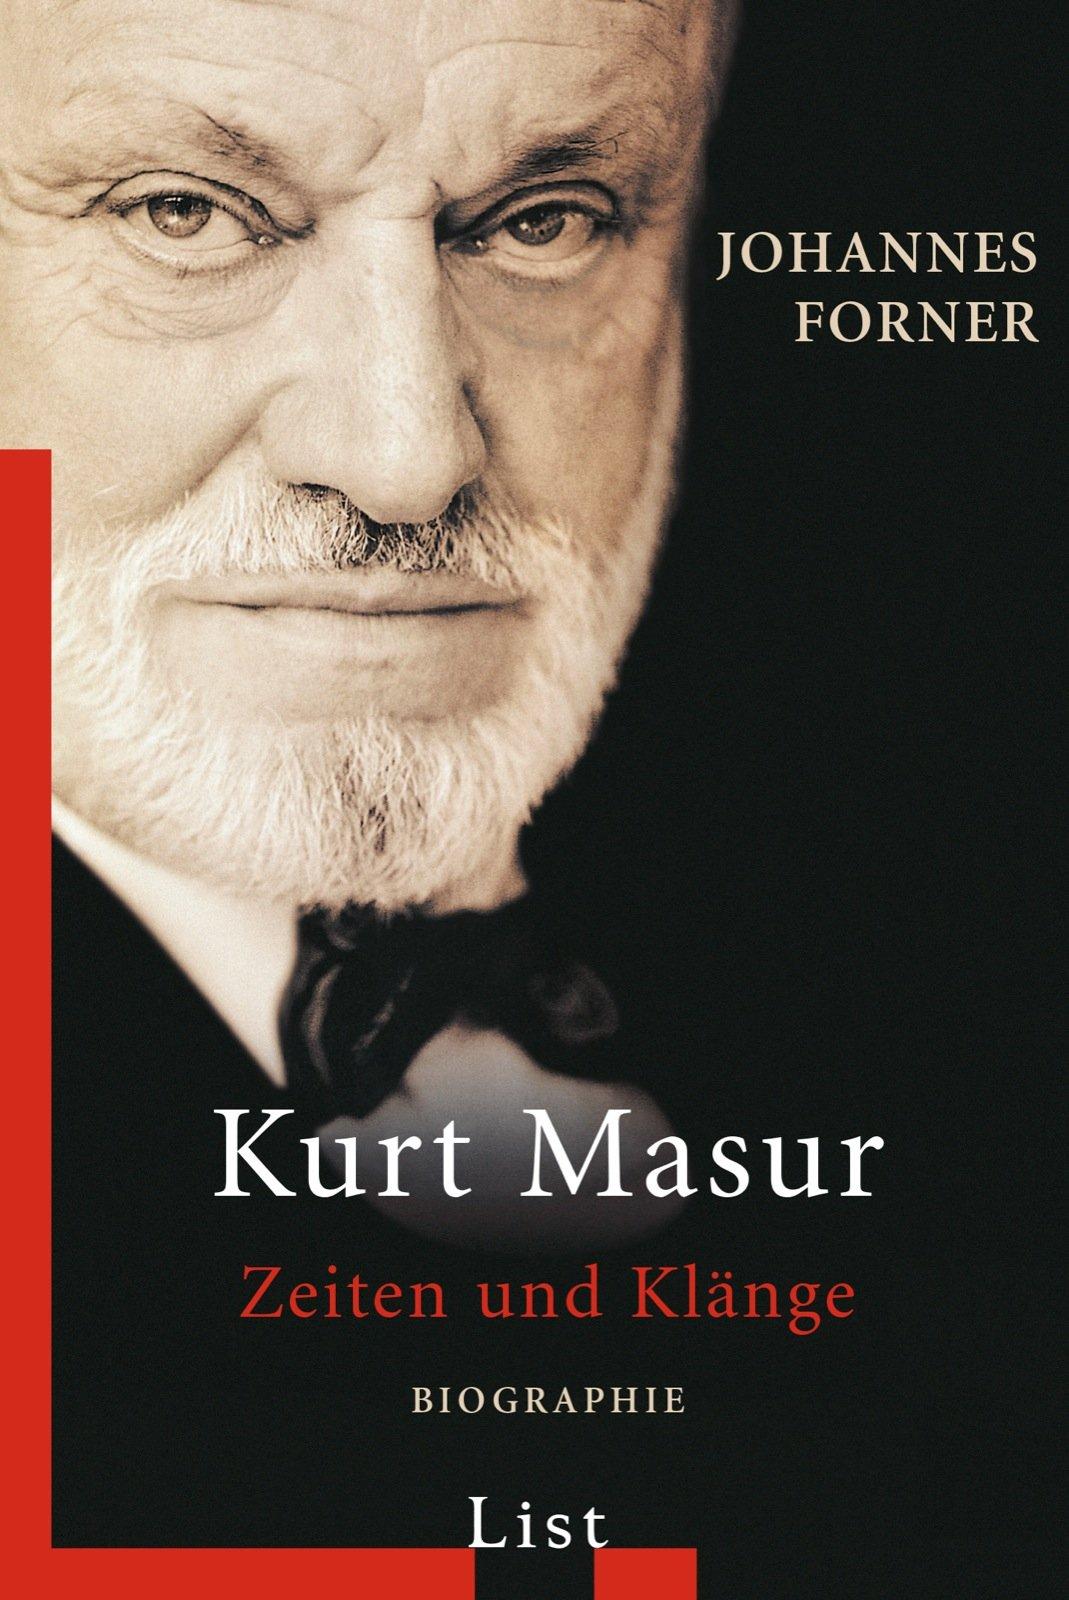 Kurt Masur: Zeiten und Klänge Taschenbuch – 1. Juli 2003 Johannes Forner List 3548603416 MUSIC / General